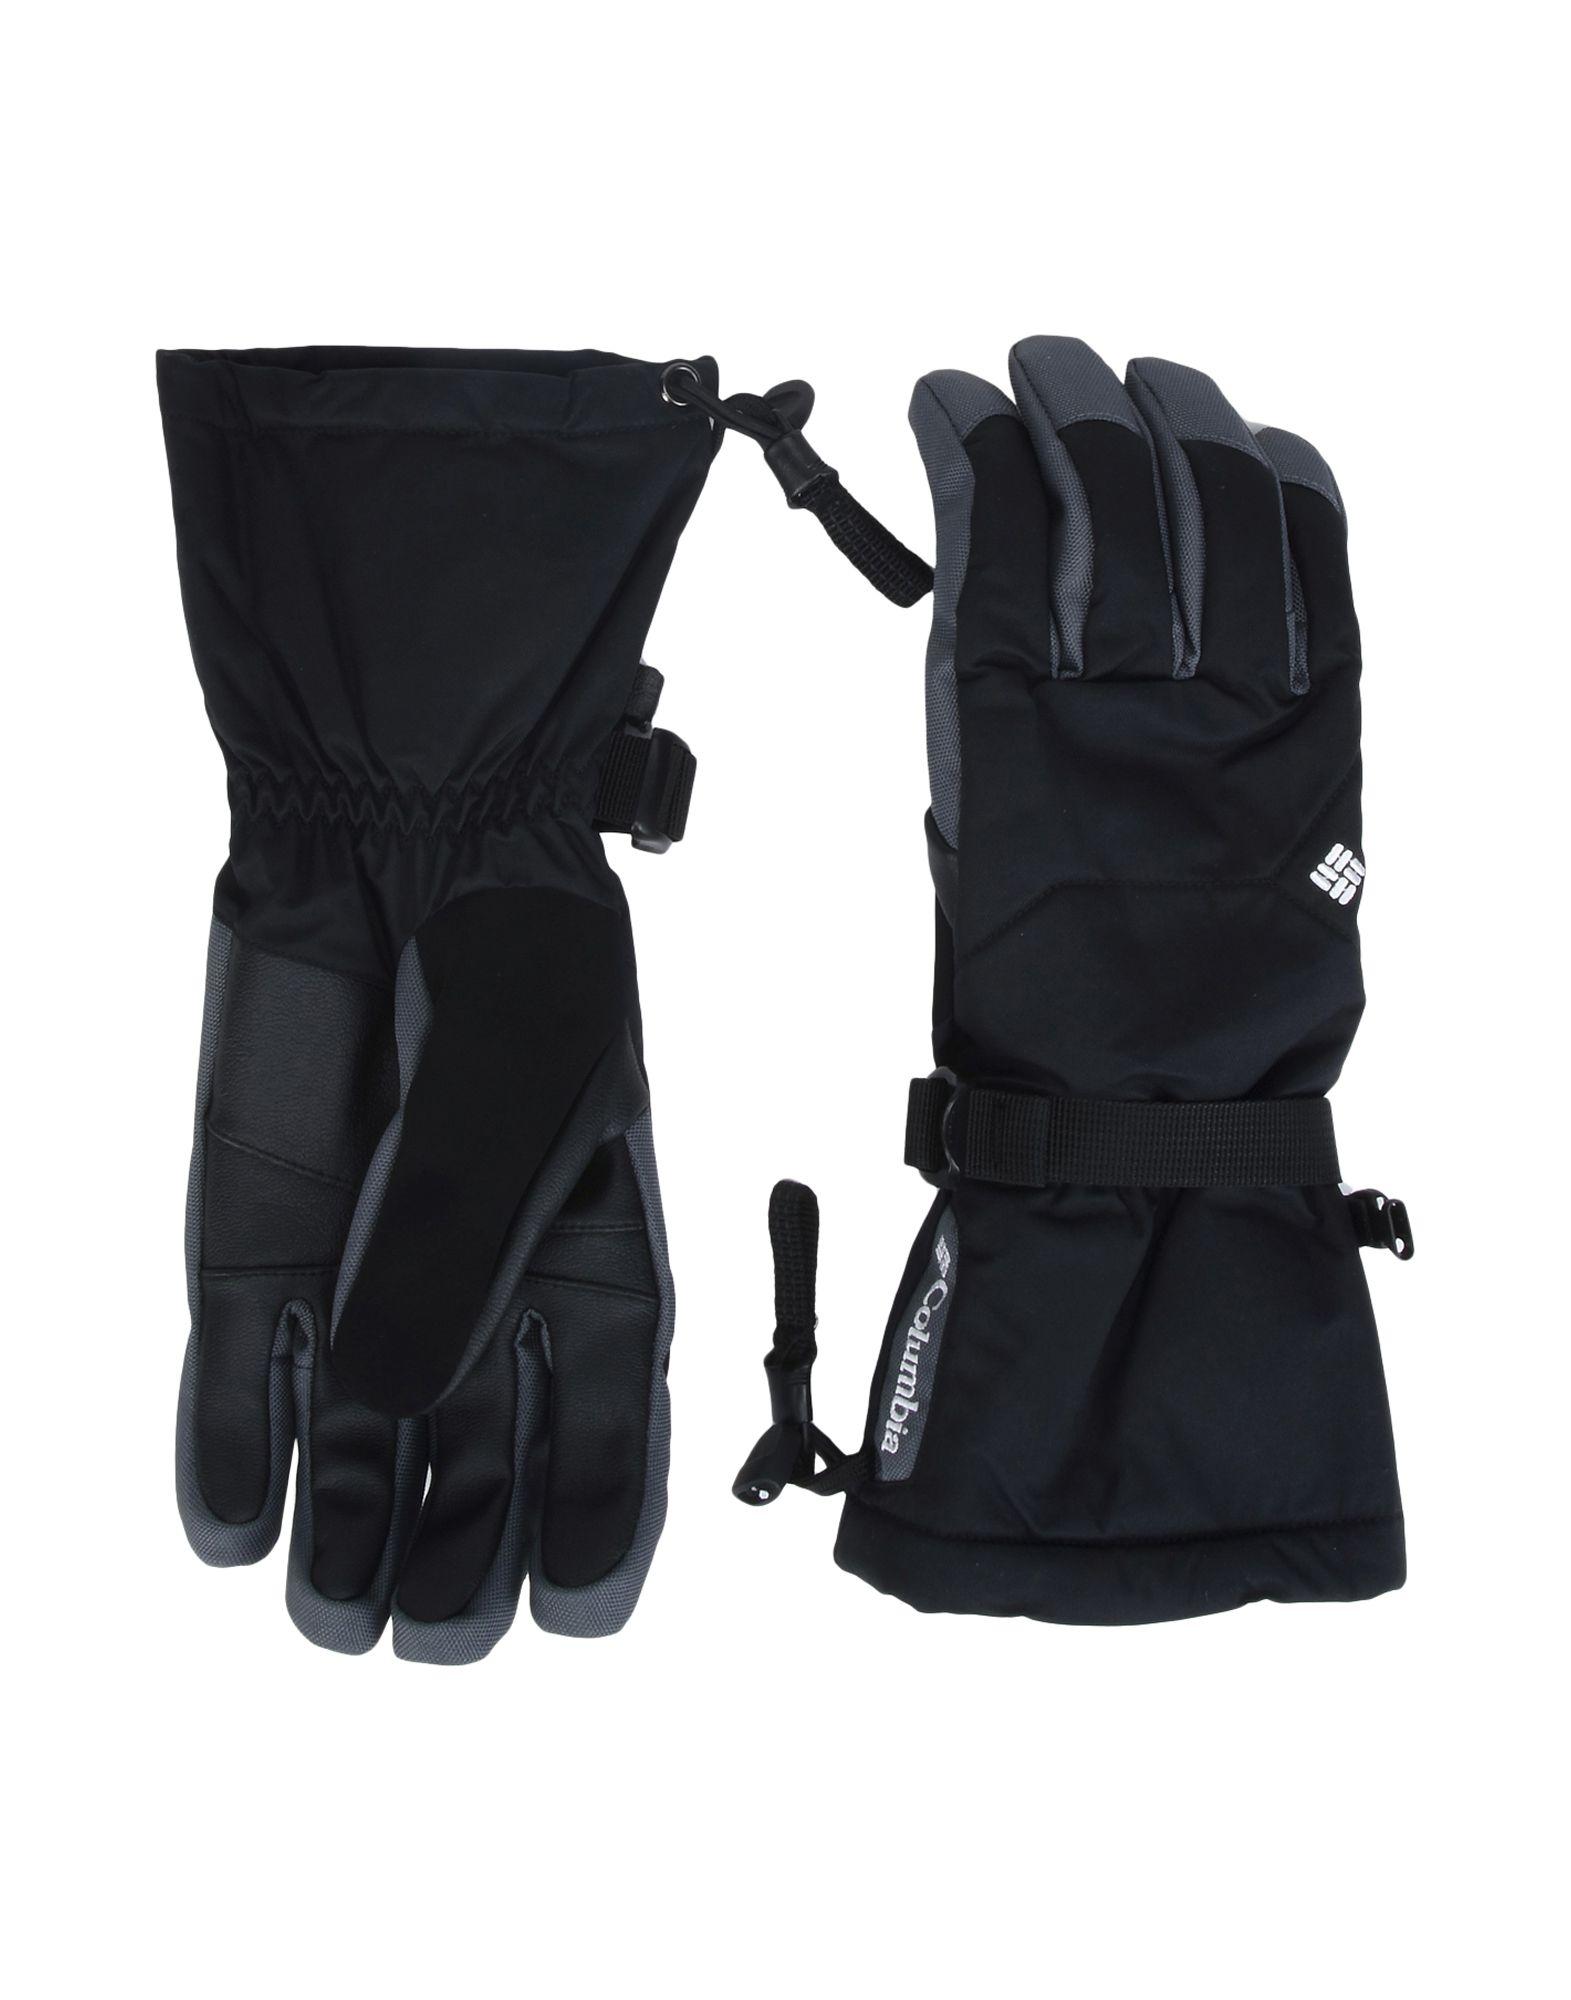 《2万円以上オーダーで送料無料》COLUMBIA メンズ 手袋 ブラック S ポリエステル 100% M WHIRLIBIRD GLOVE